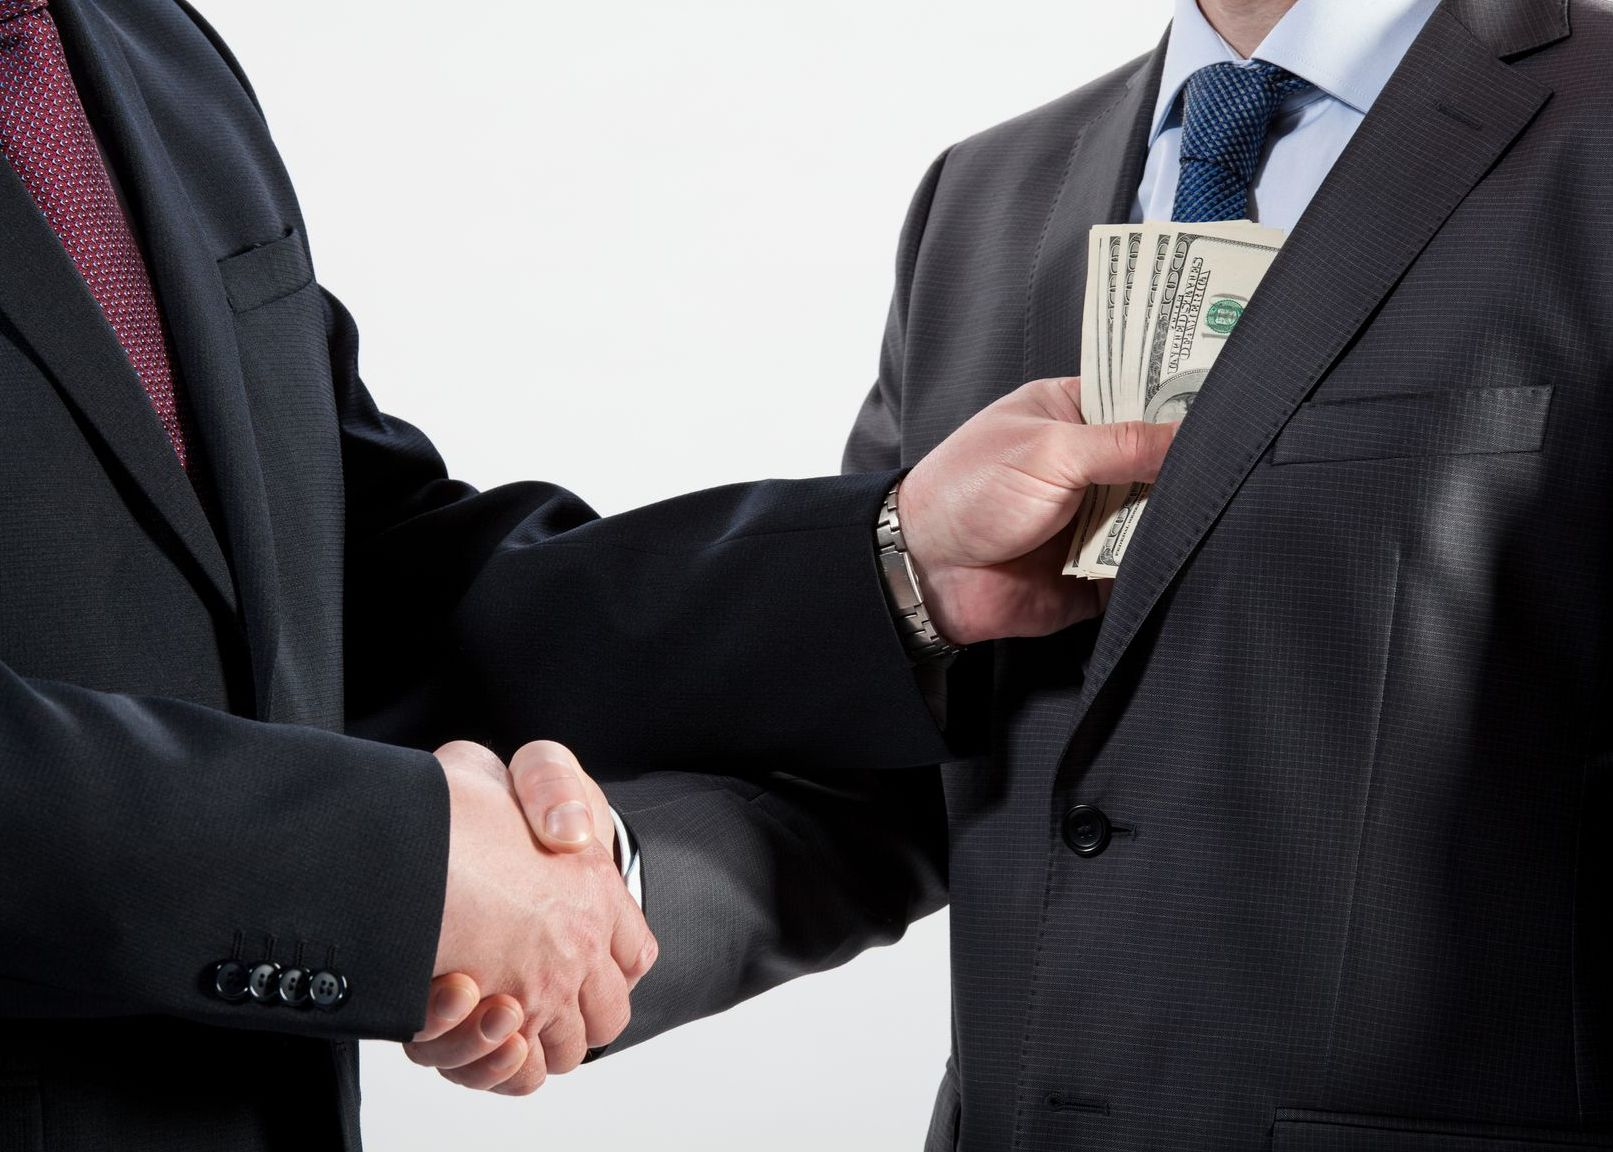 Η διαφθορά στο Κοσσυφοπέδιο είναι ενδημική: έκθεση